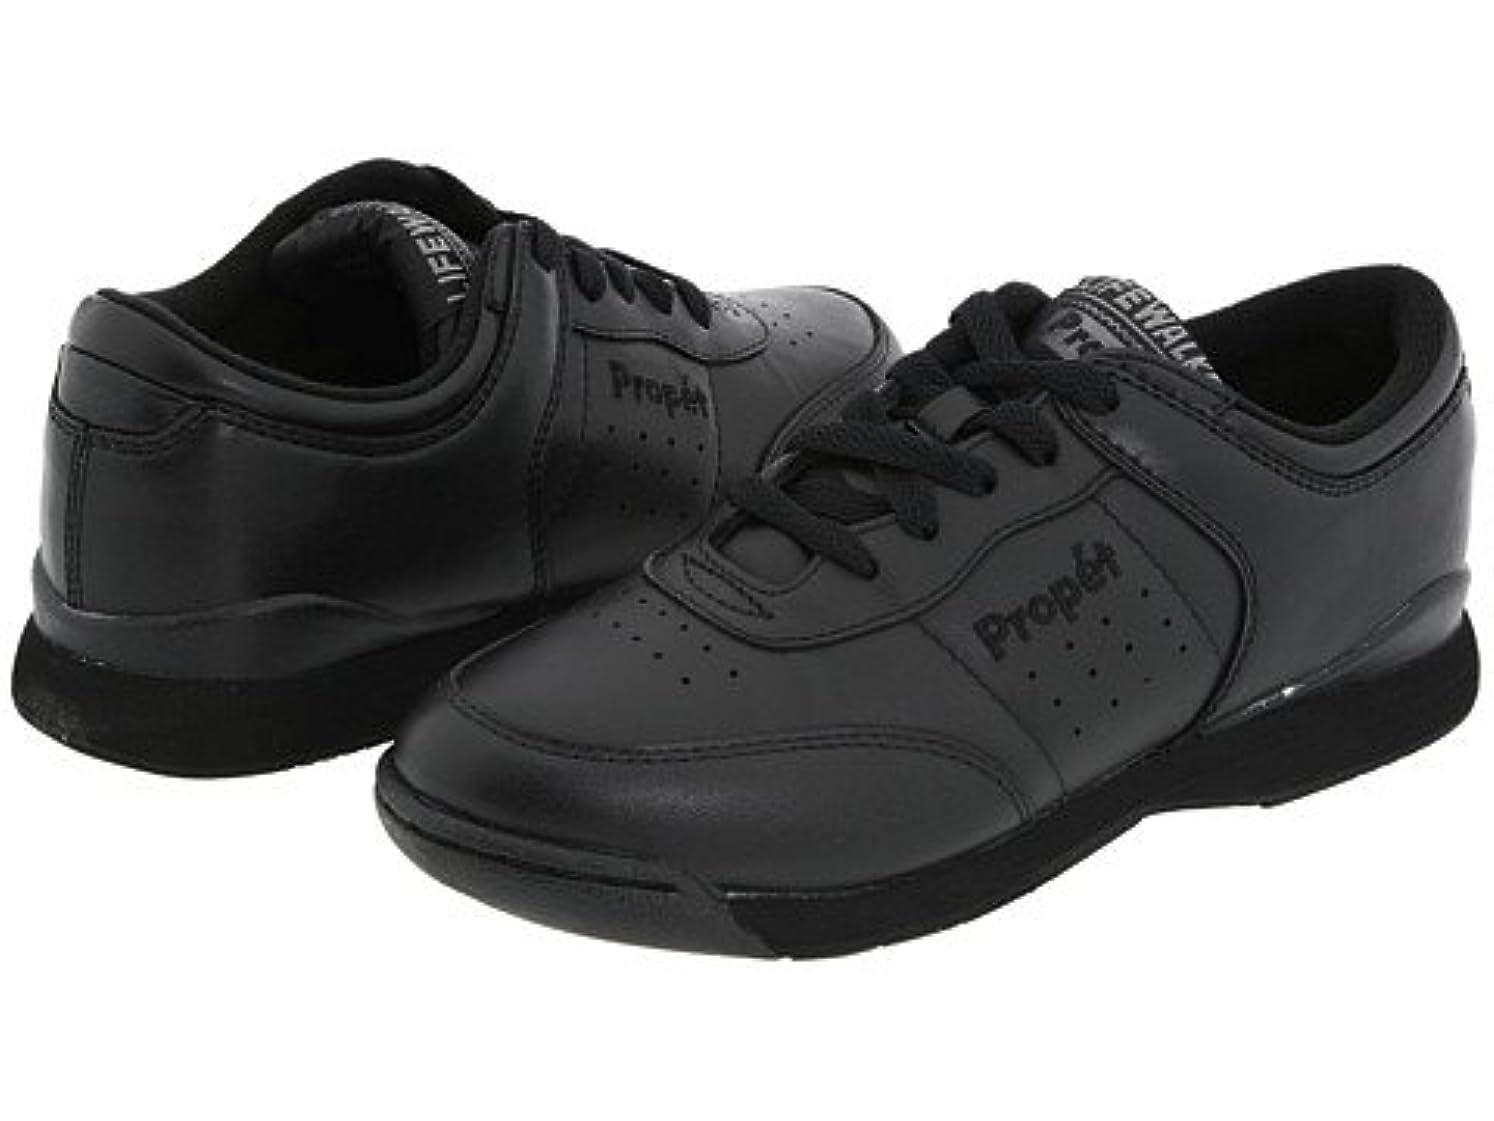 ハーネス書き込みオーナー(プロペット) Propet レディースウォーキングシューズ?カジュアルスニーカー?靴 Life Walker Black 9.5 26.5cm W (D) [並行輸入品]